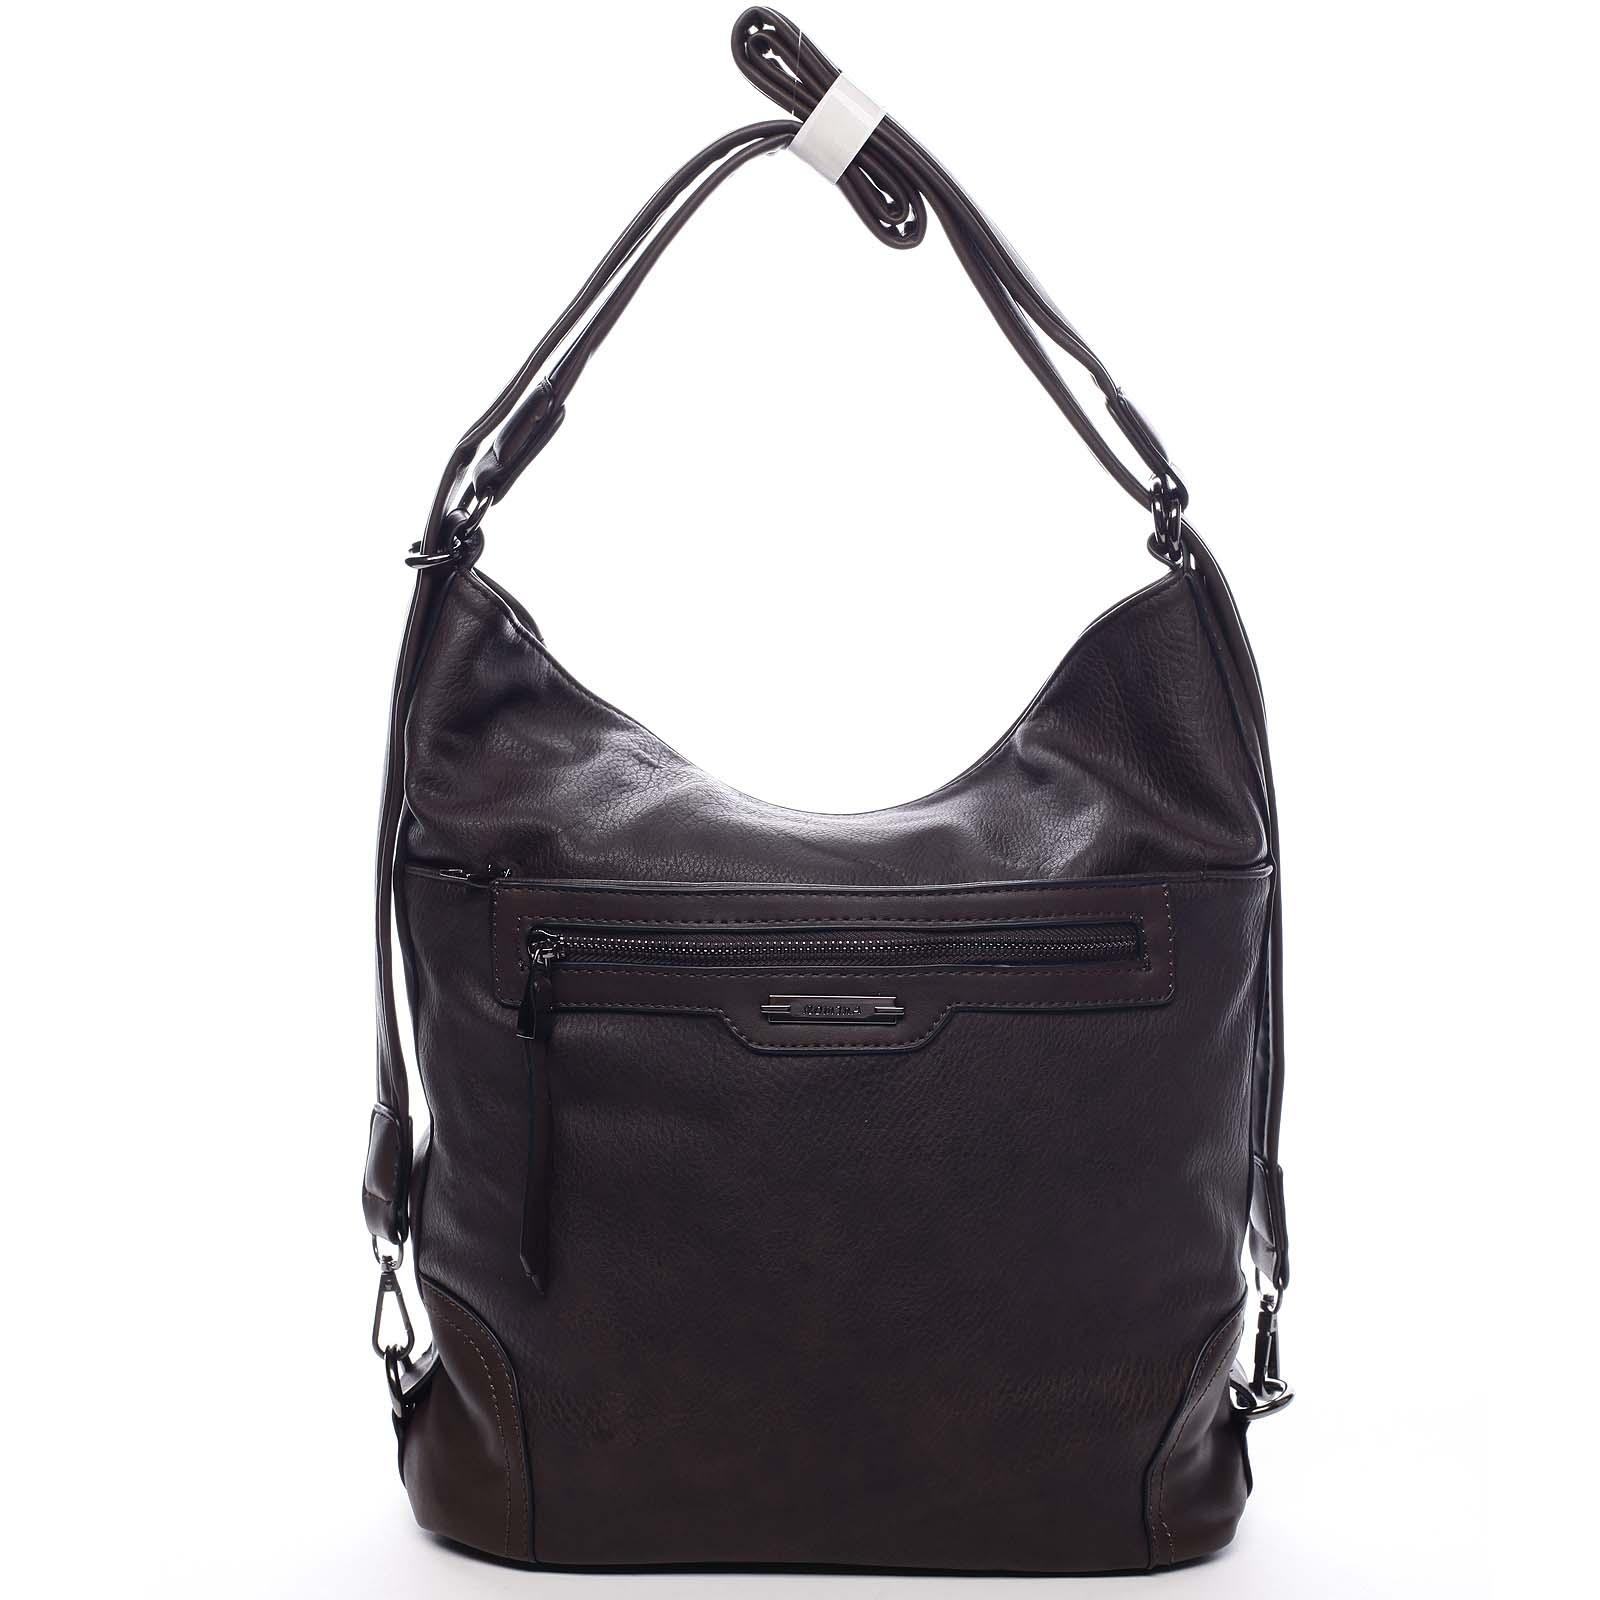 Dámská kabelka batoh kávově hnědá - Romina Zilla